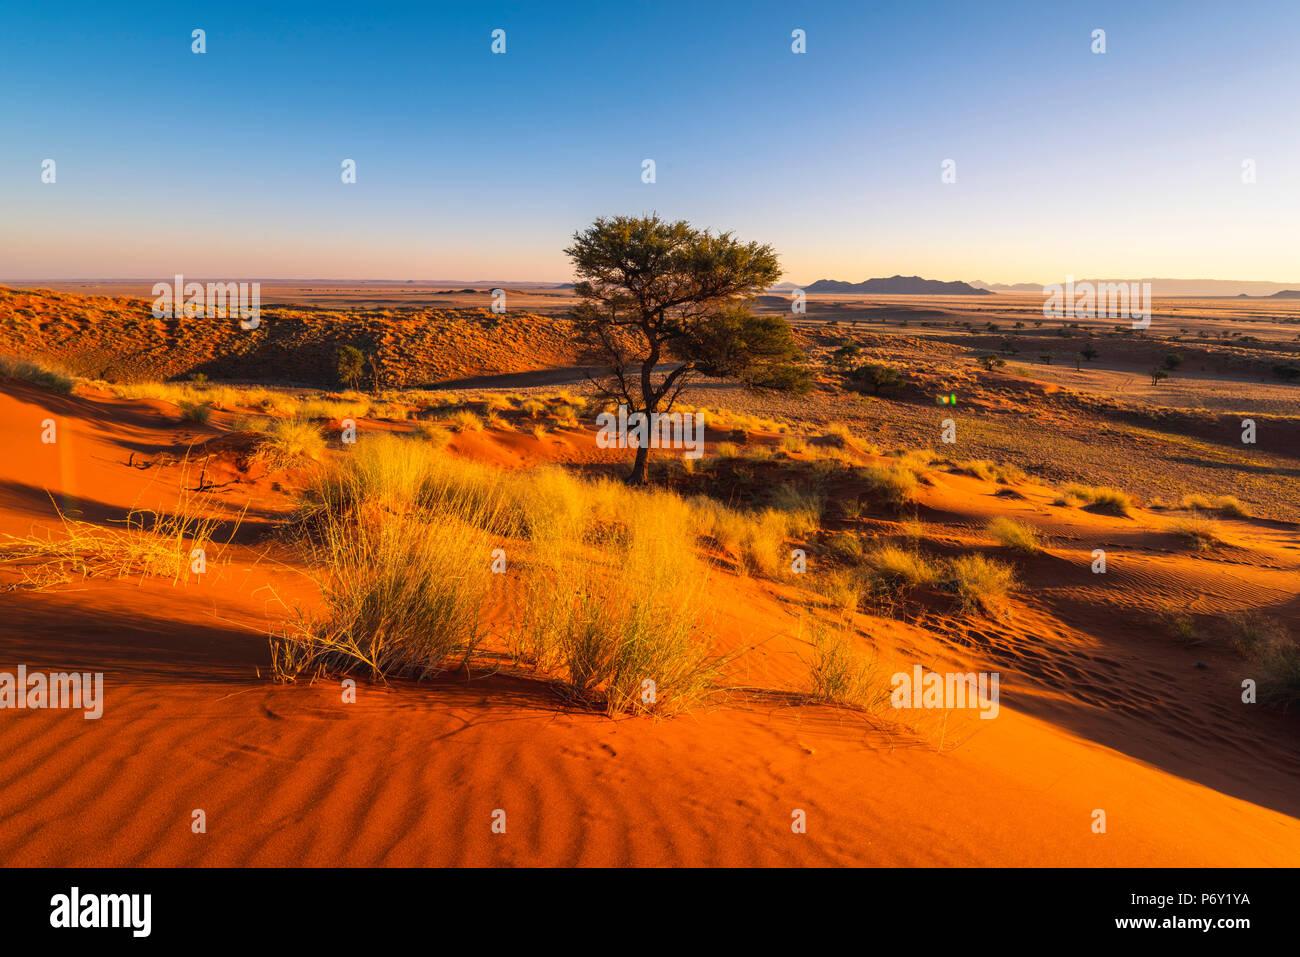 Namib-Naukluft National Park, Namibie, Afrique. Petrified dunes rouges. Photo Stock